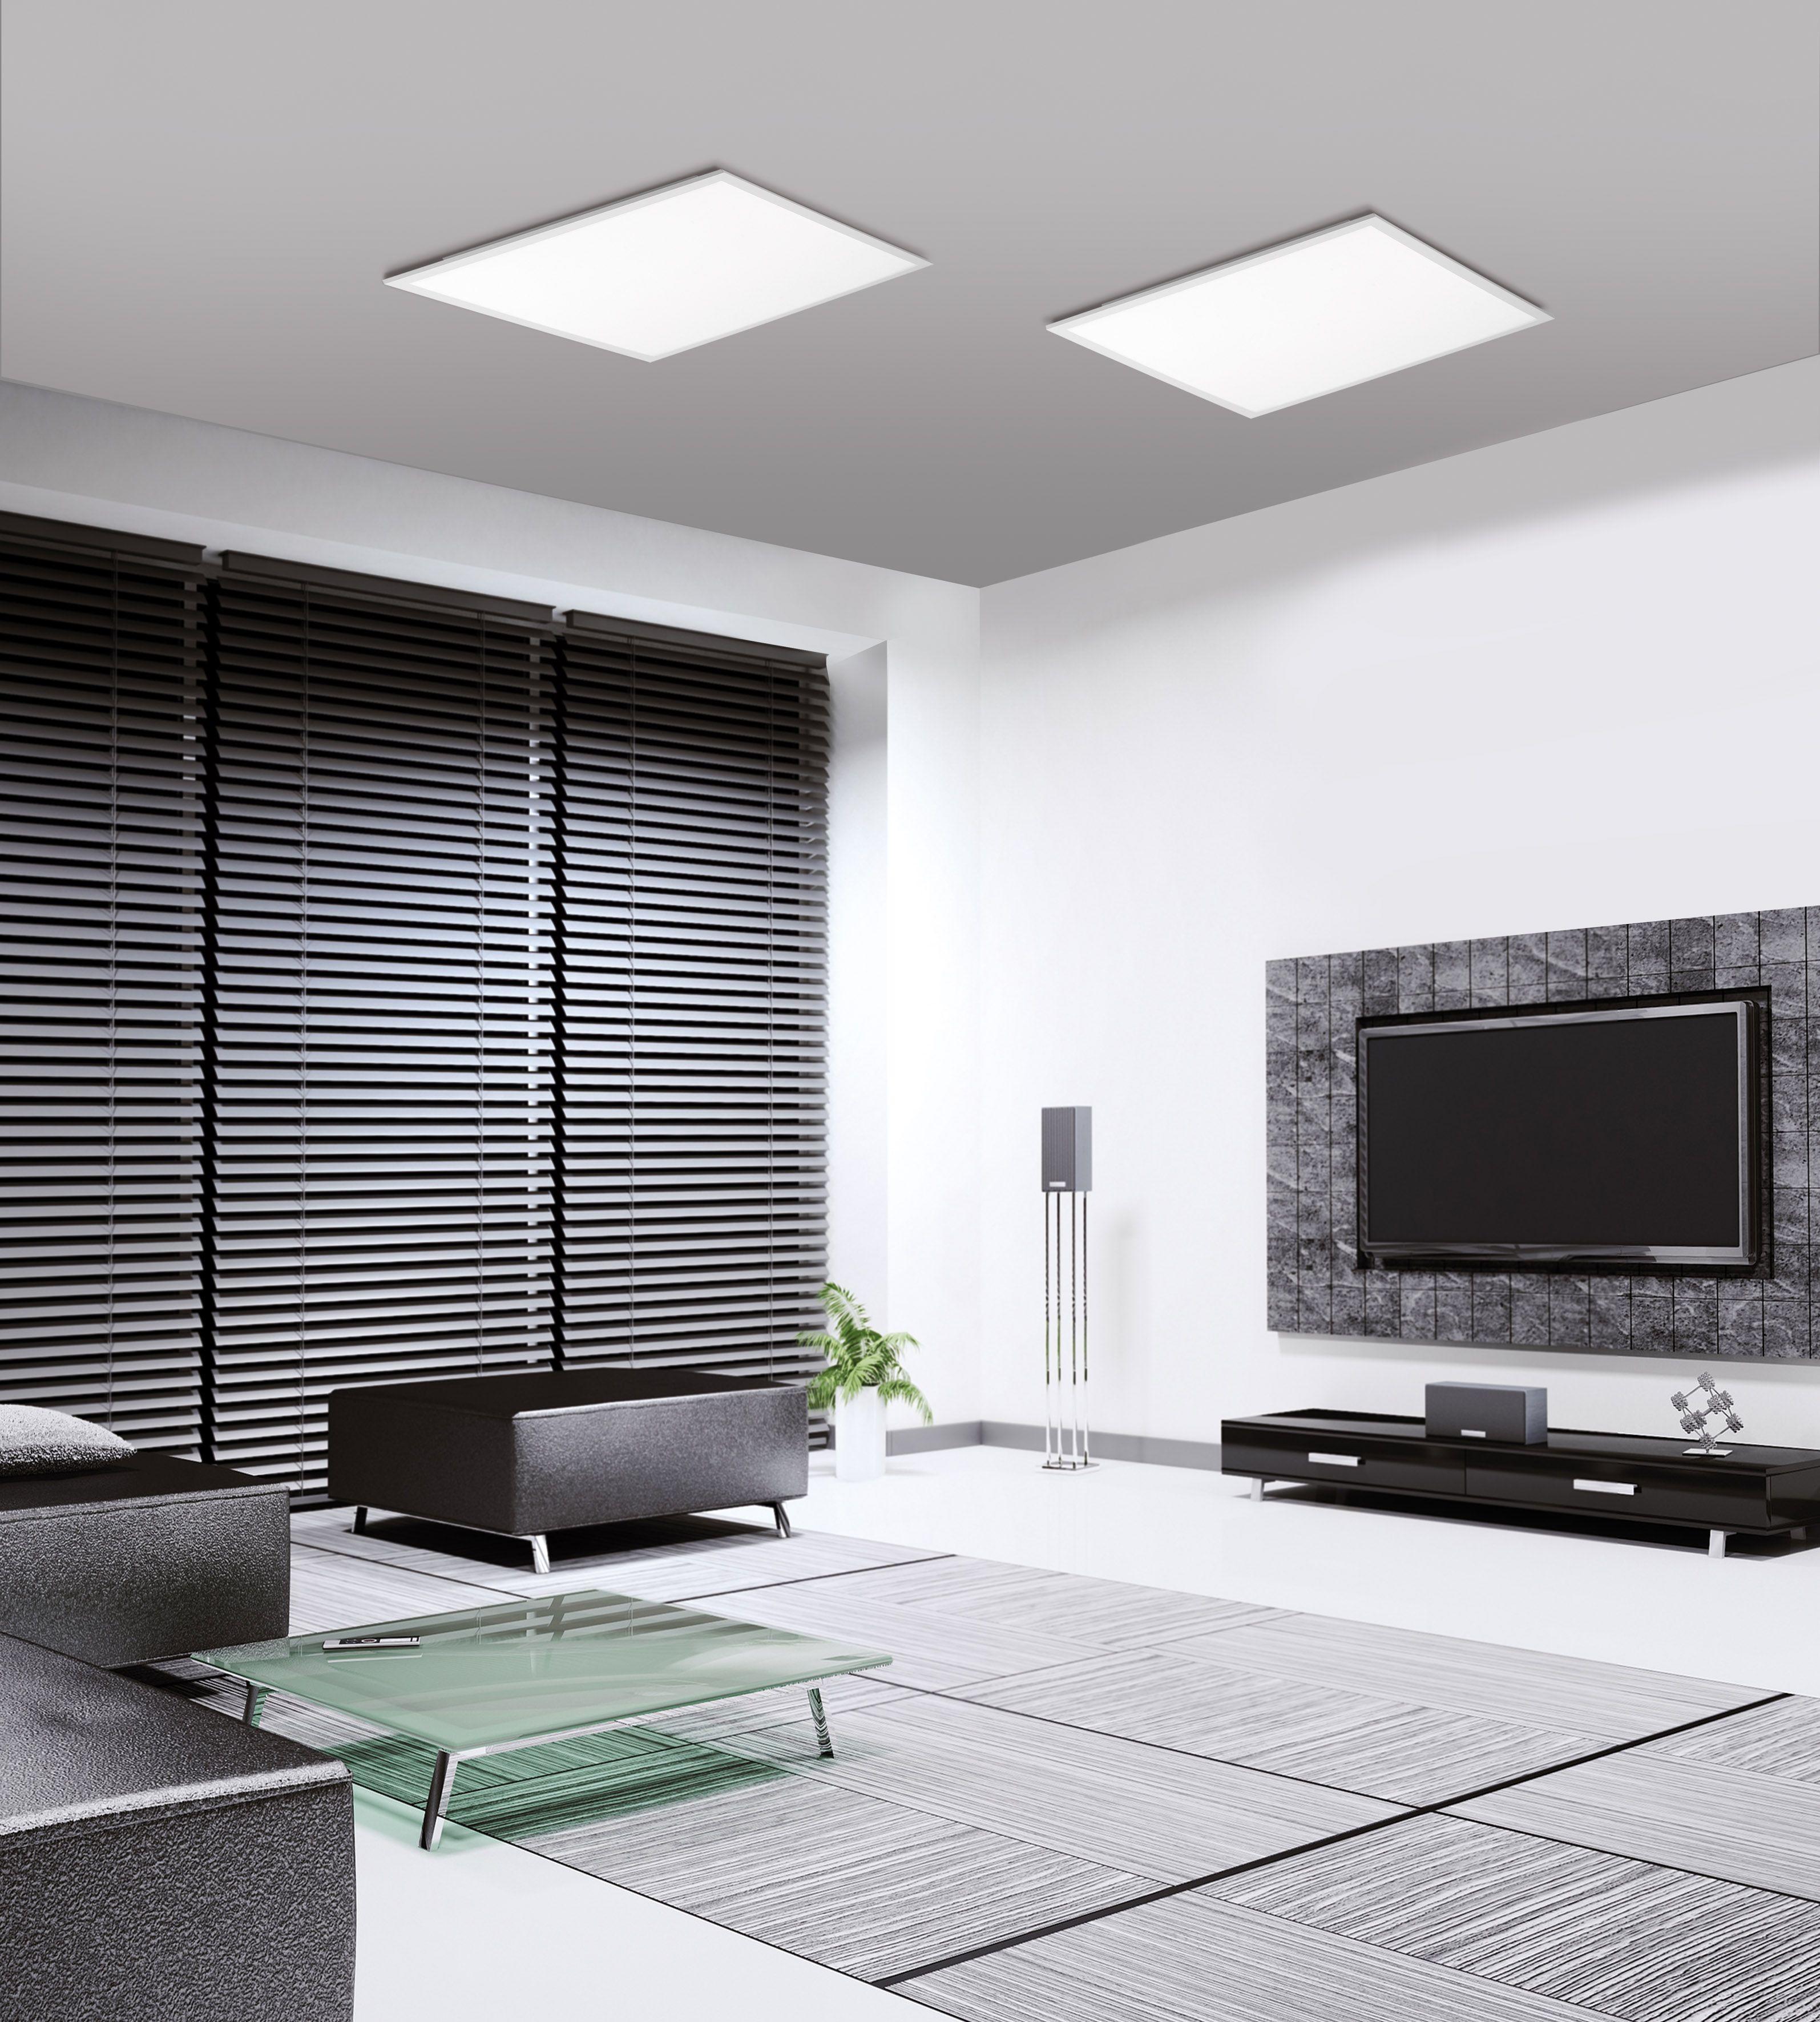 Led Panel In Weiss Quadratisch Und Mit Lichtfarbsteuerung Inkl Dimm Und Memoryfunktion Led Deckenleuchte Beleuchtung Wohnzimmer Decke Moderne Wohnzimmergestaltung